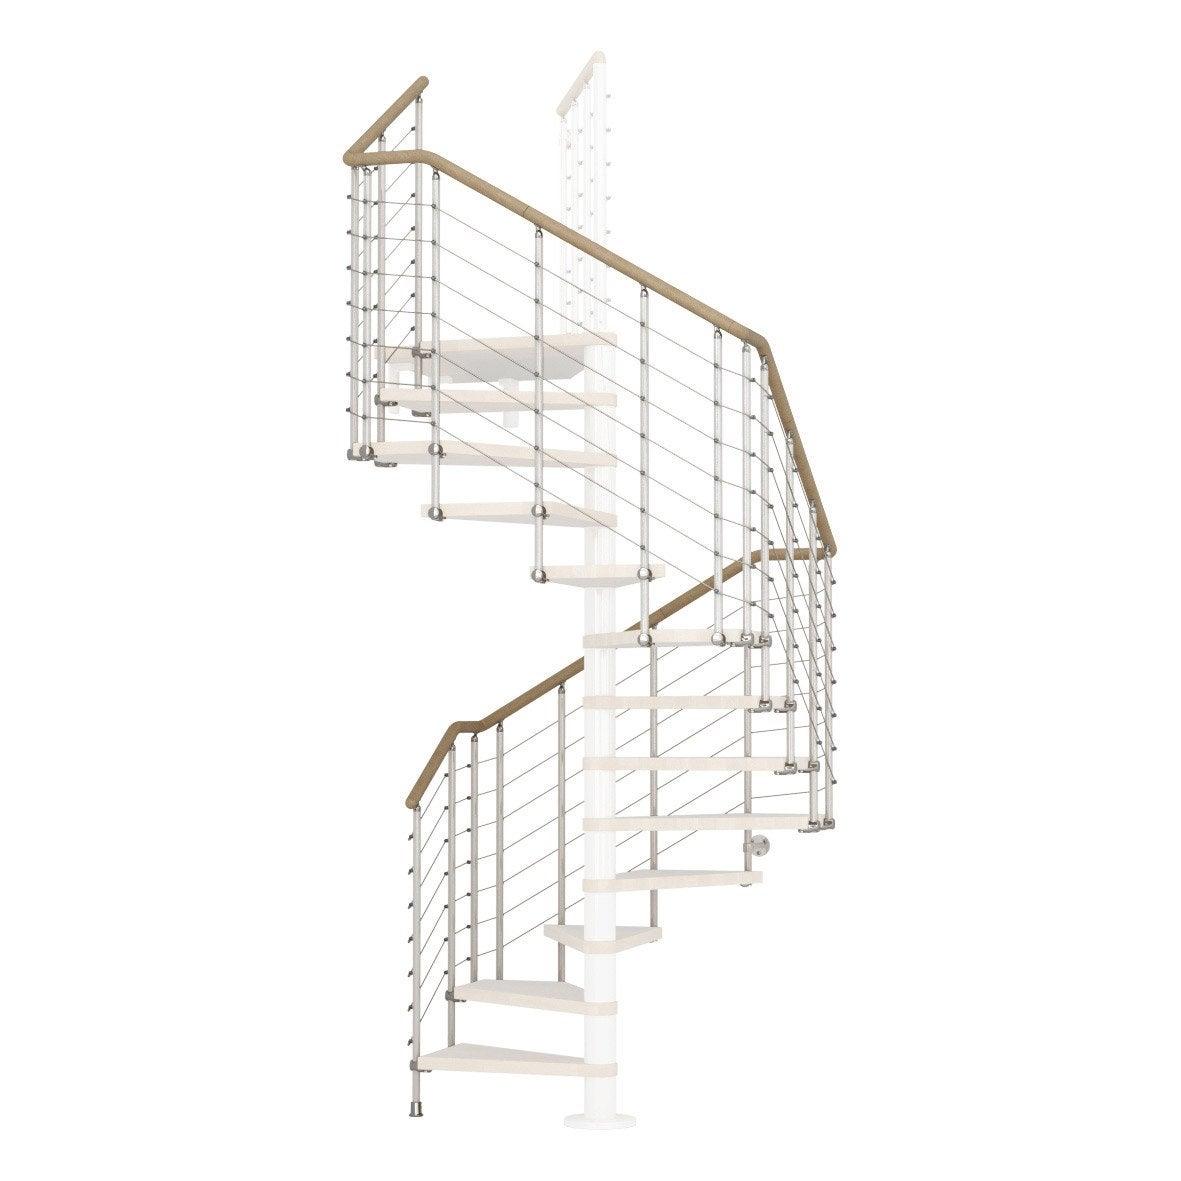 Garde Corp Bois Leroy Merlin : Garde-corps pour escalier Cube line blanc en bois clair PIXIMA Leroy